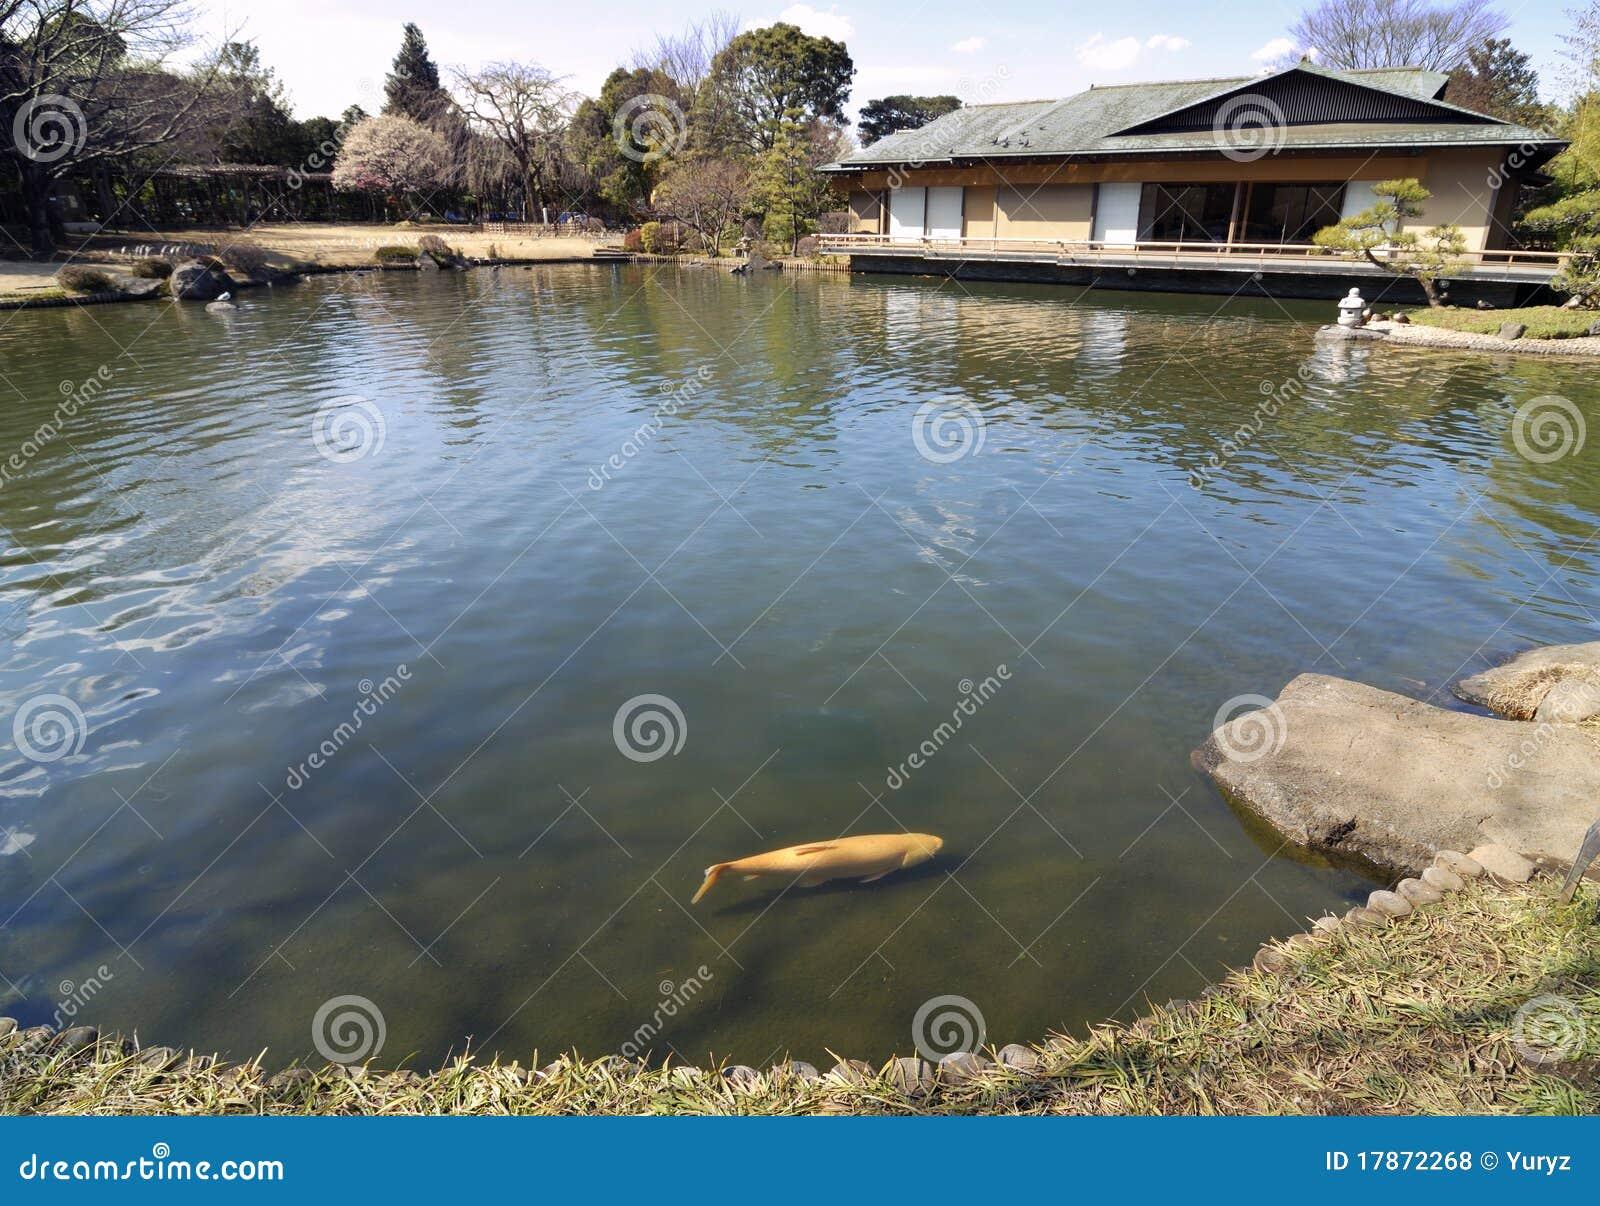 Zen pond royalty free stock photos image 17872268 for Koi pond zen